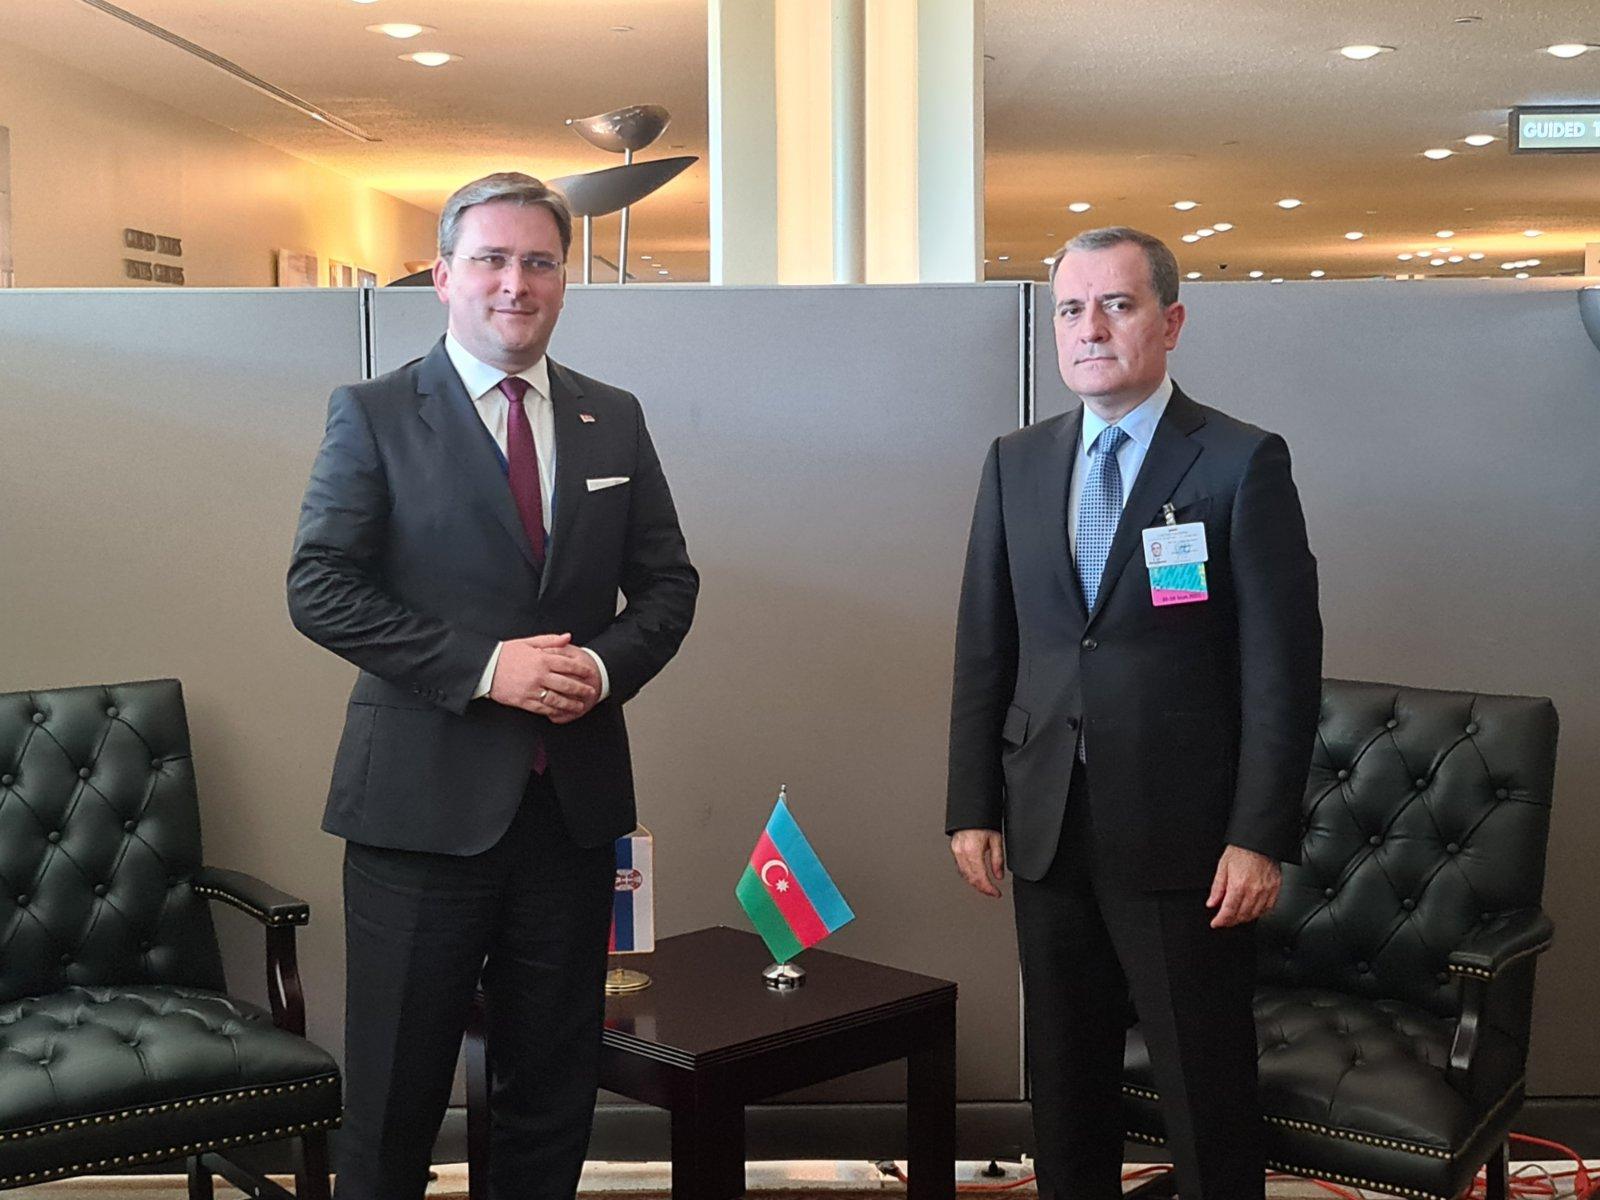 Заједничко организовање скупа ПНЗ – учвршћивање пријатељства Србије и Азербејџана